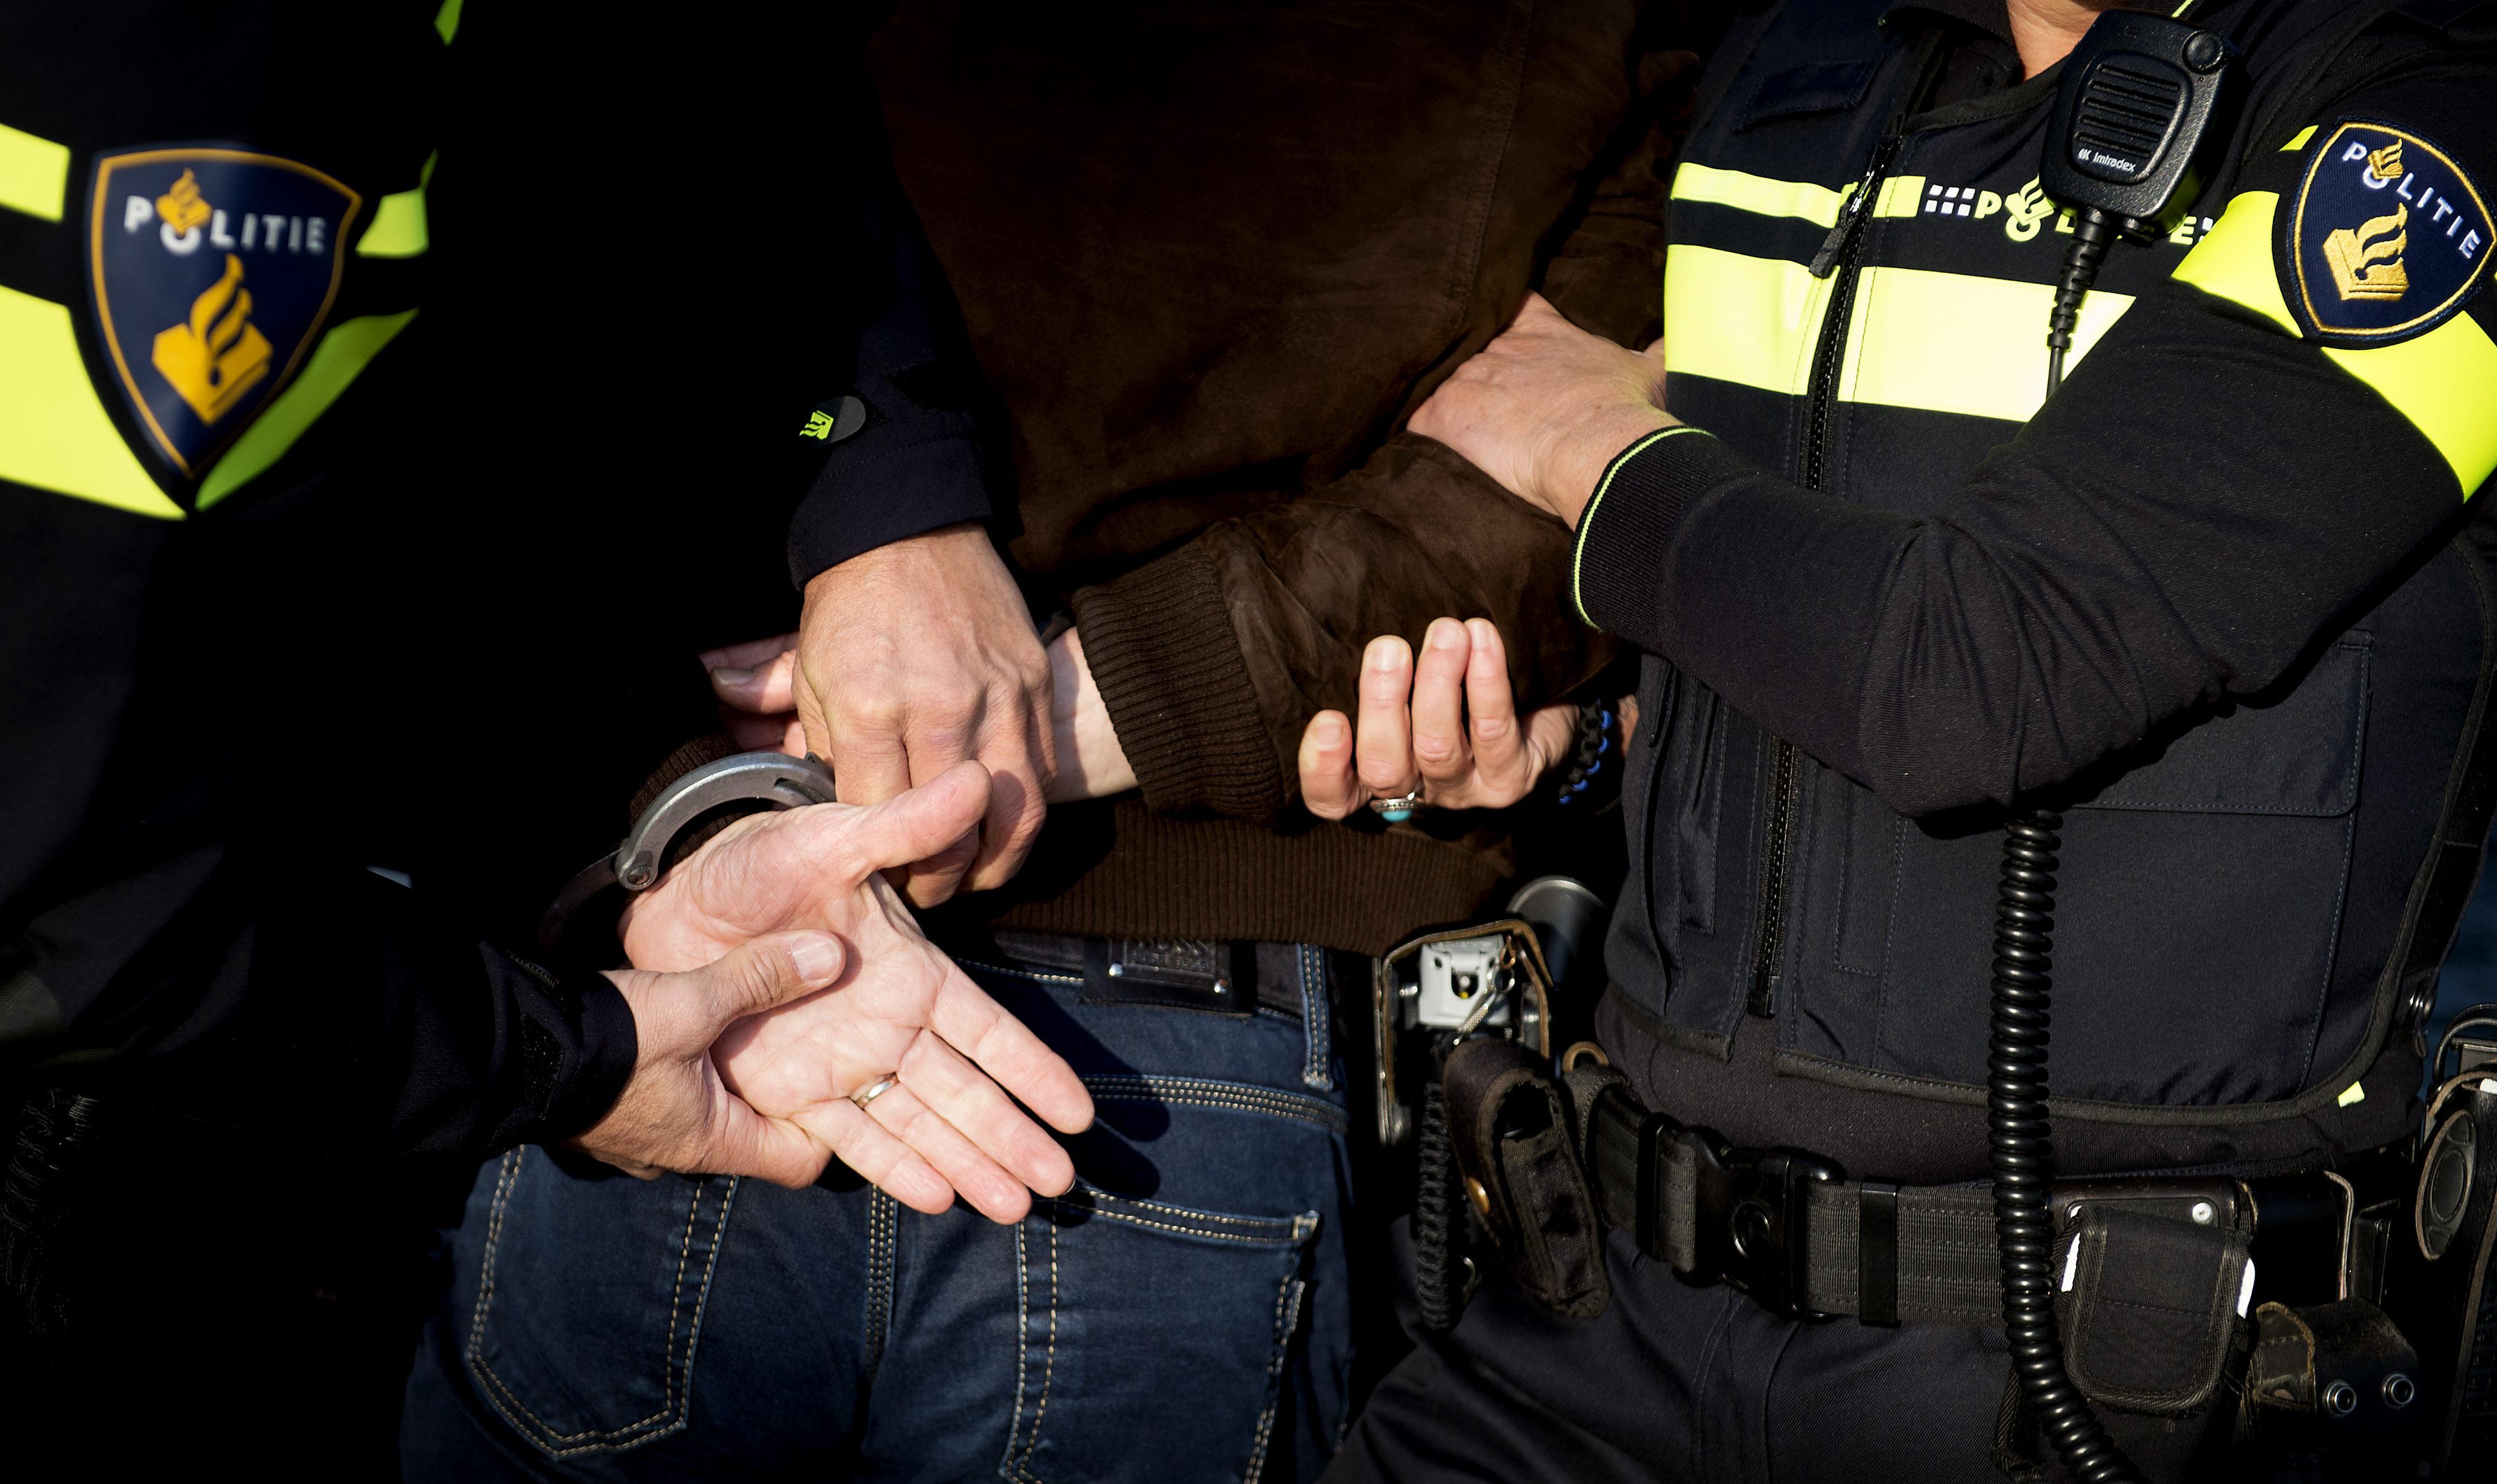 Vier maanden cel voor zonder rijbewijs inrijden op politie in Zwaag